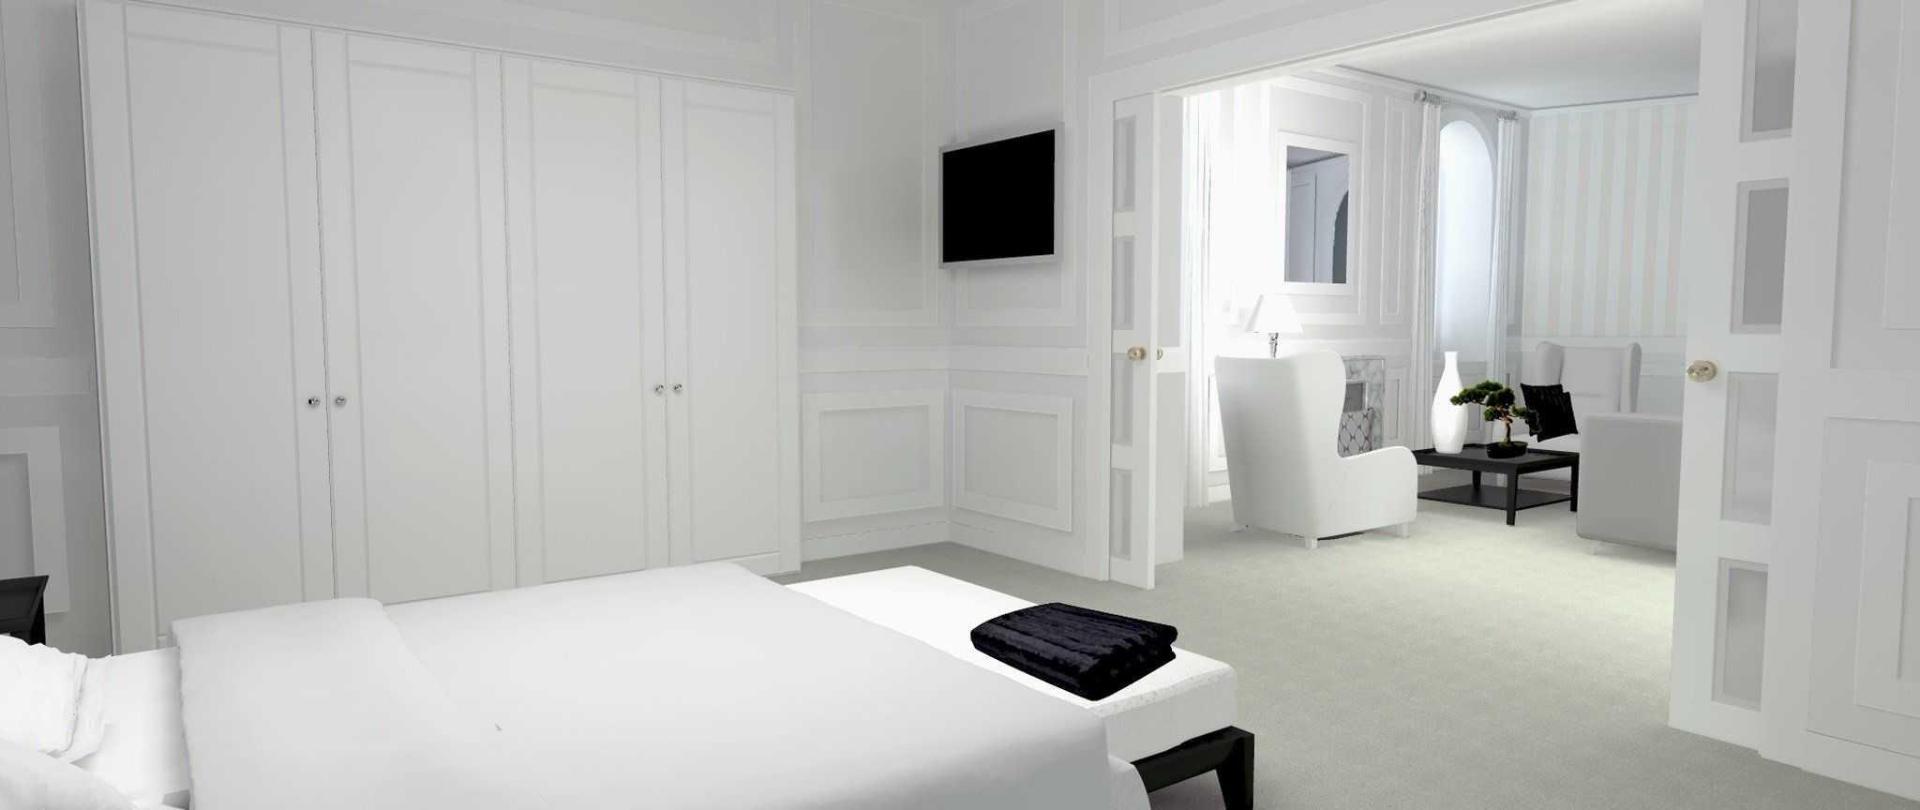 suite-marialuisa3.jpg